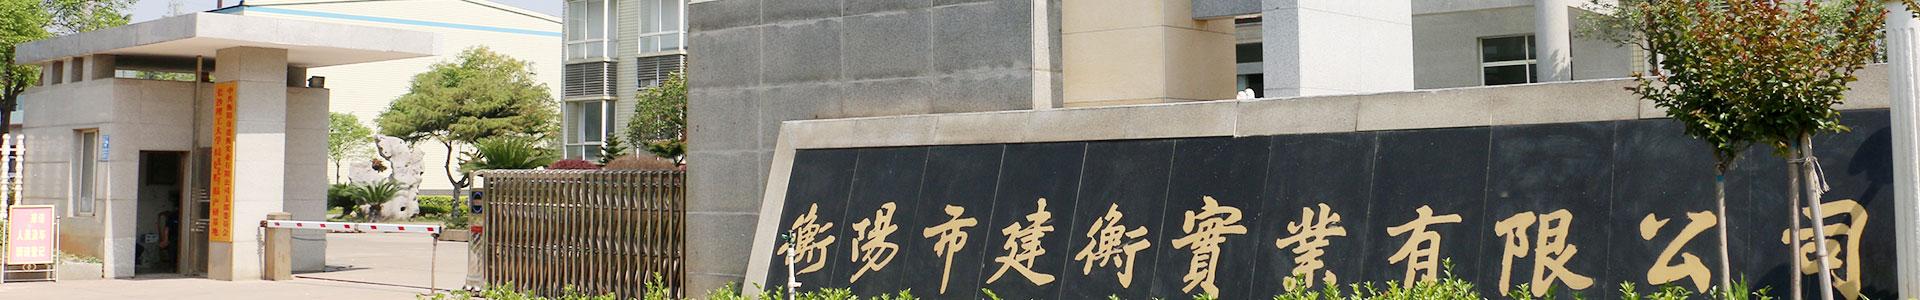 衡阳市建衡实业有限公司